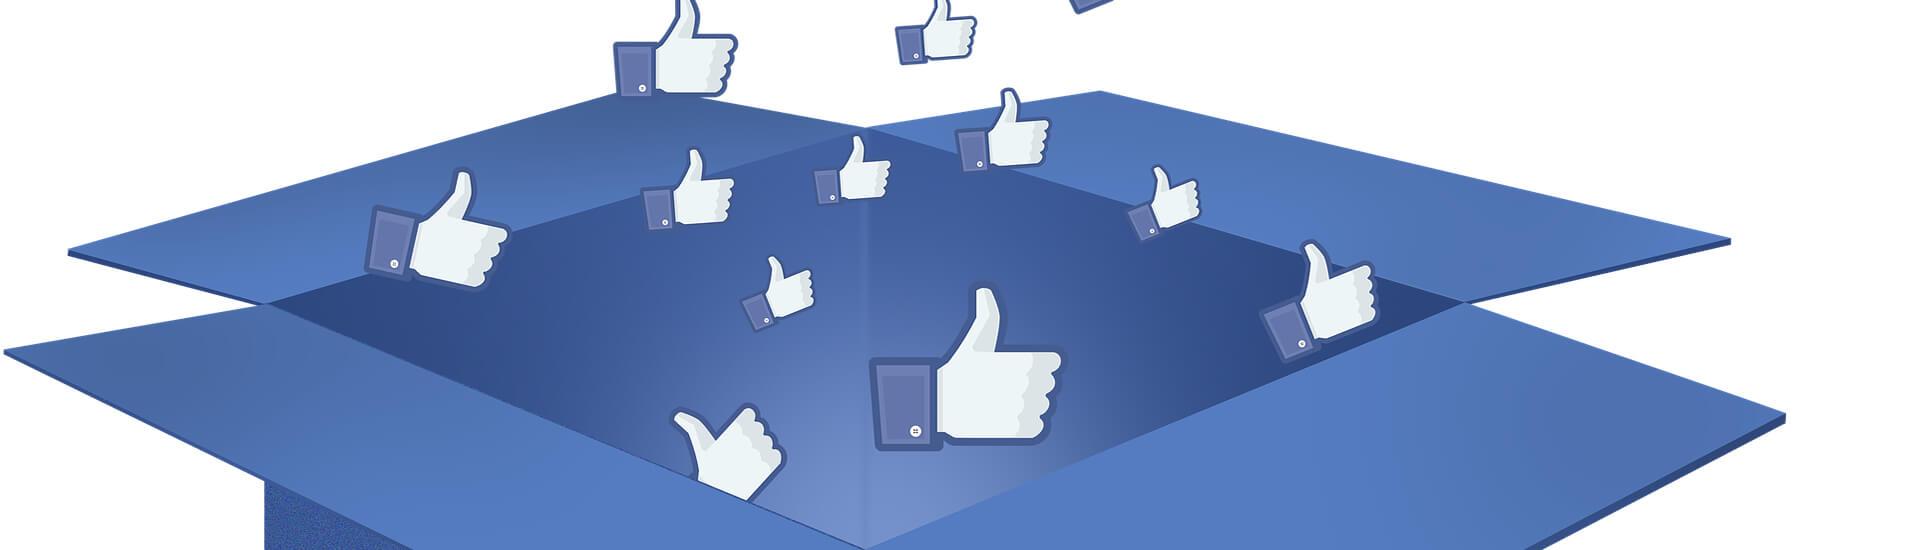 Comment avoir beaucoup de j'aime sur Facebook